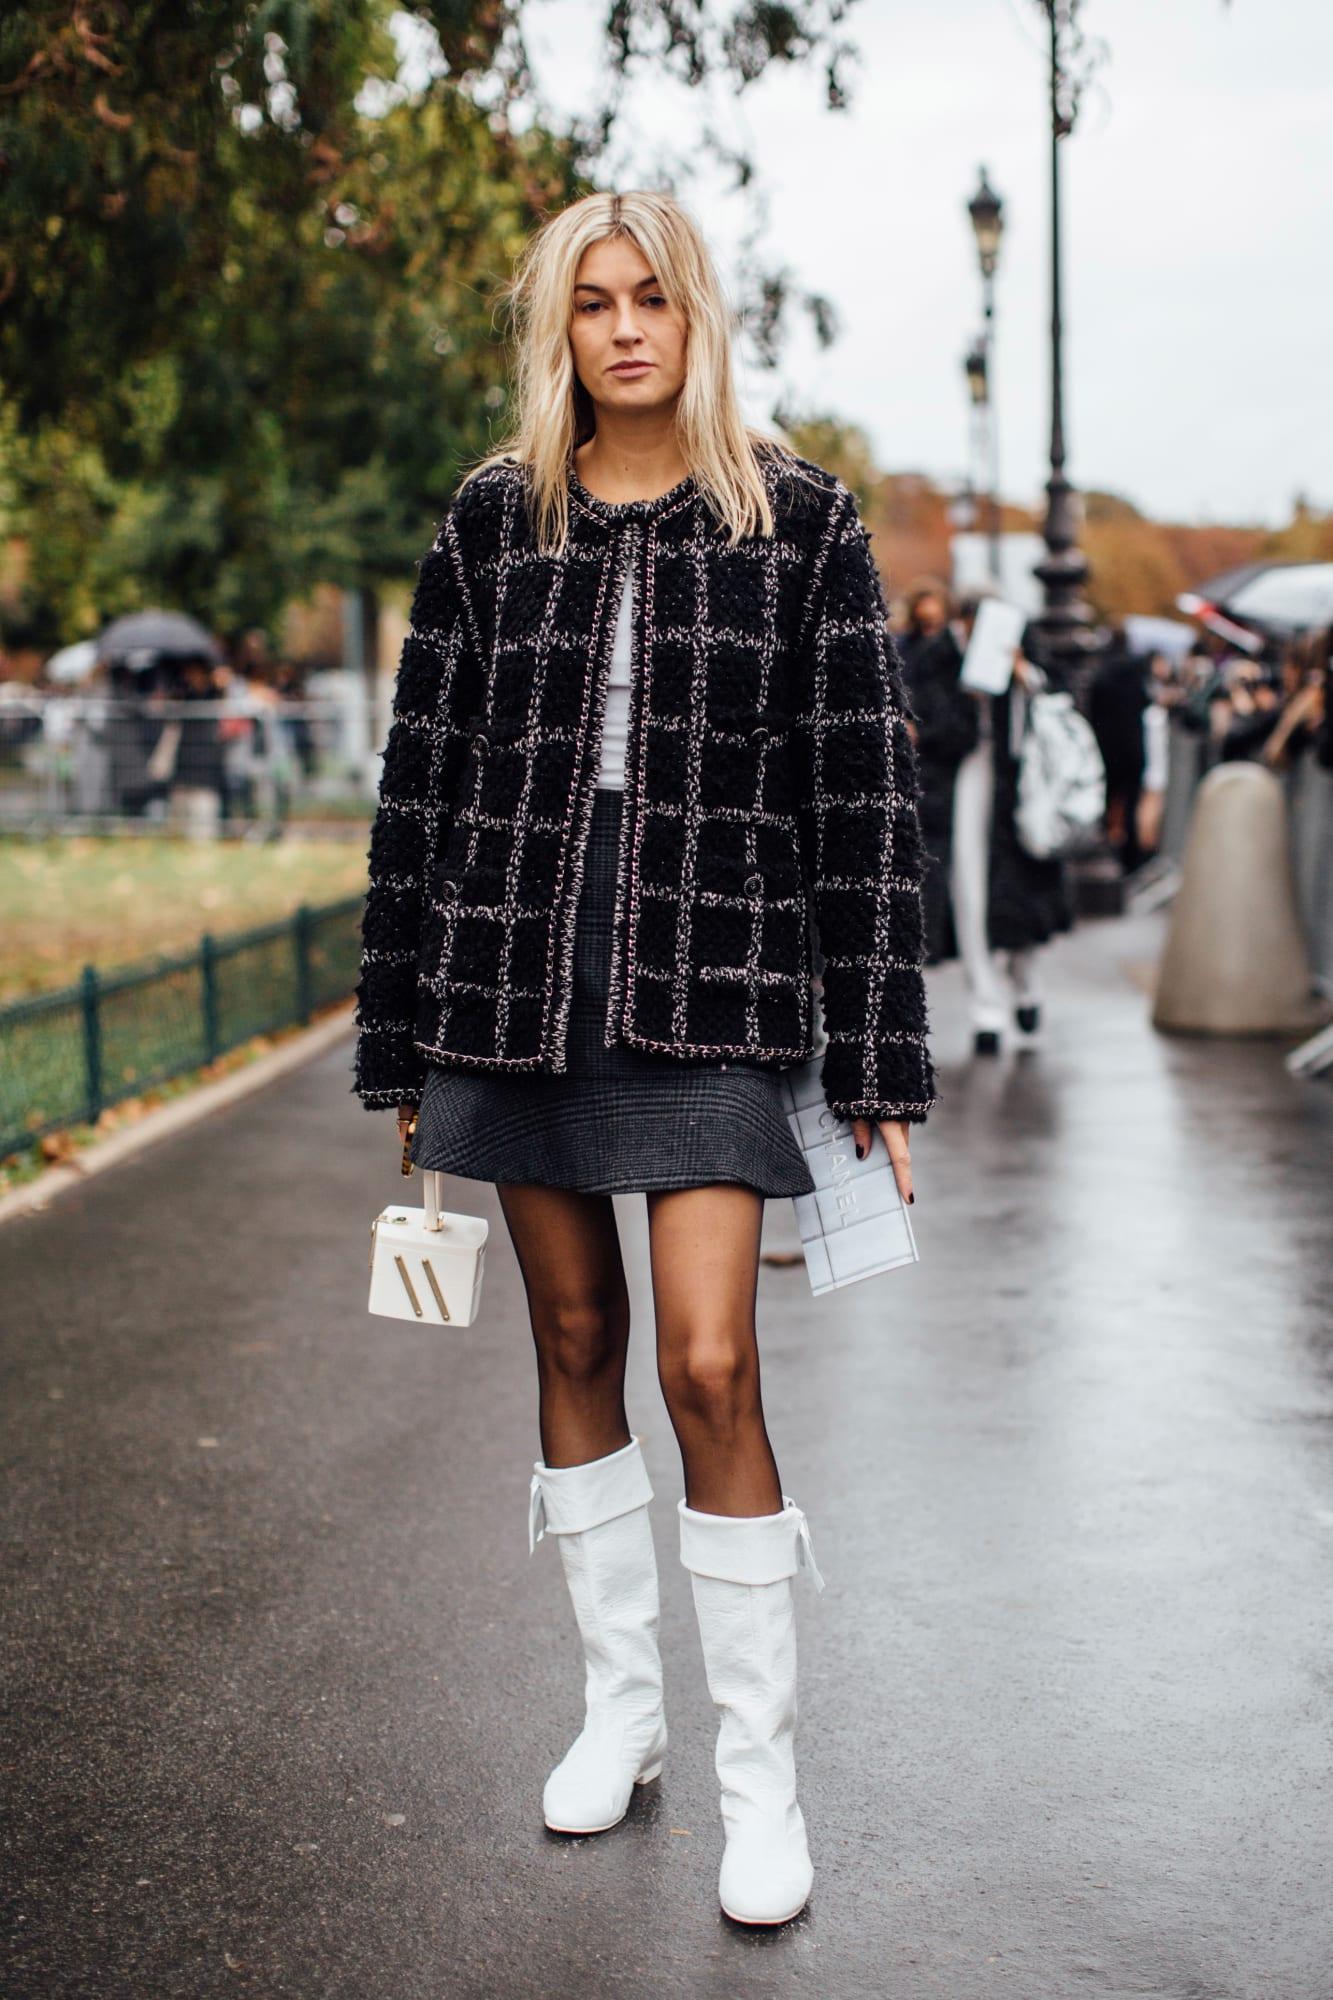 Áo khoác vải tweed phối cùng váy ngắn và giày boots cổ cao